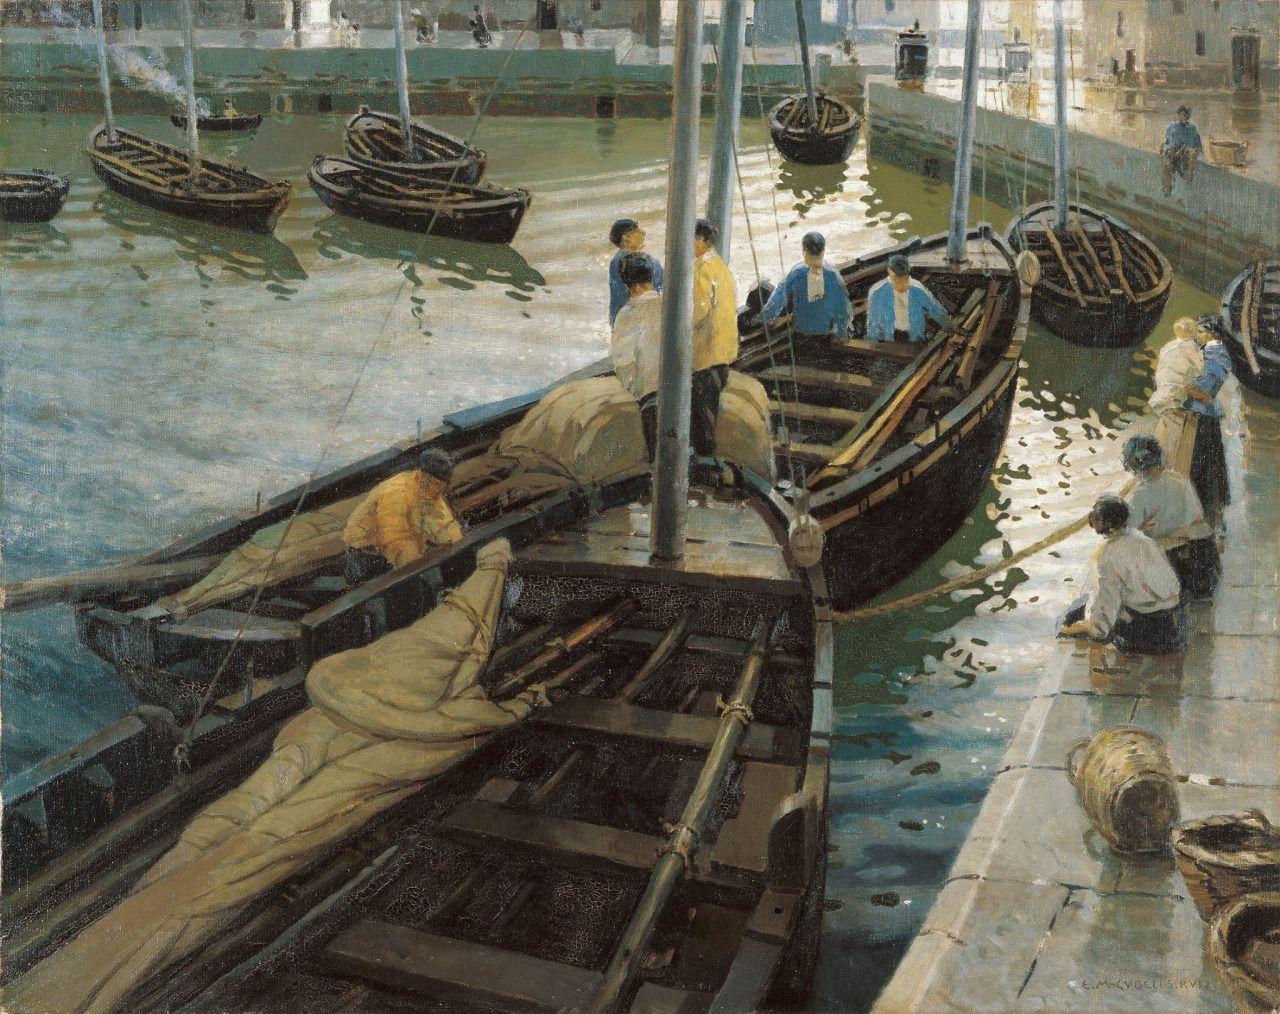 La vuelta de la pesca - Enrique Martinez Cubells, 1911